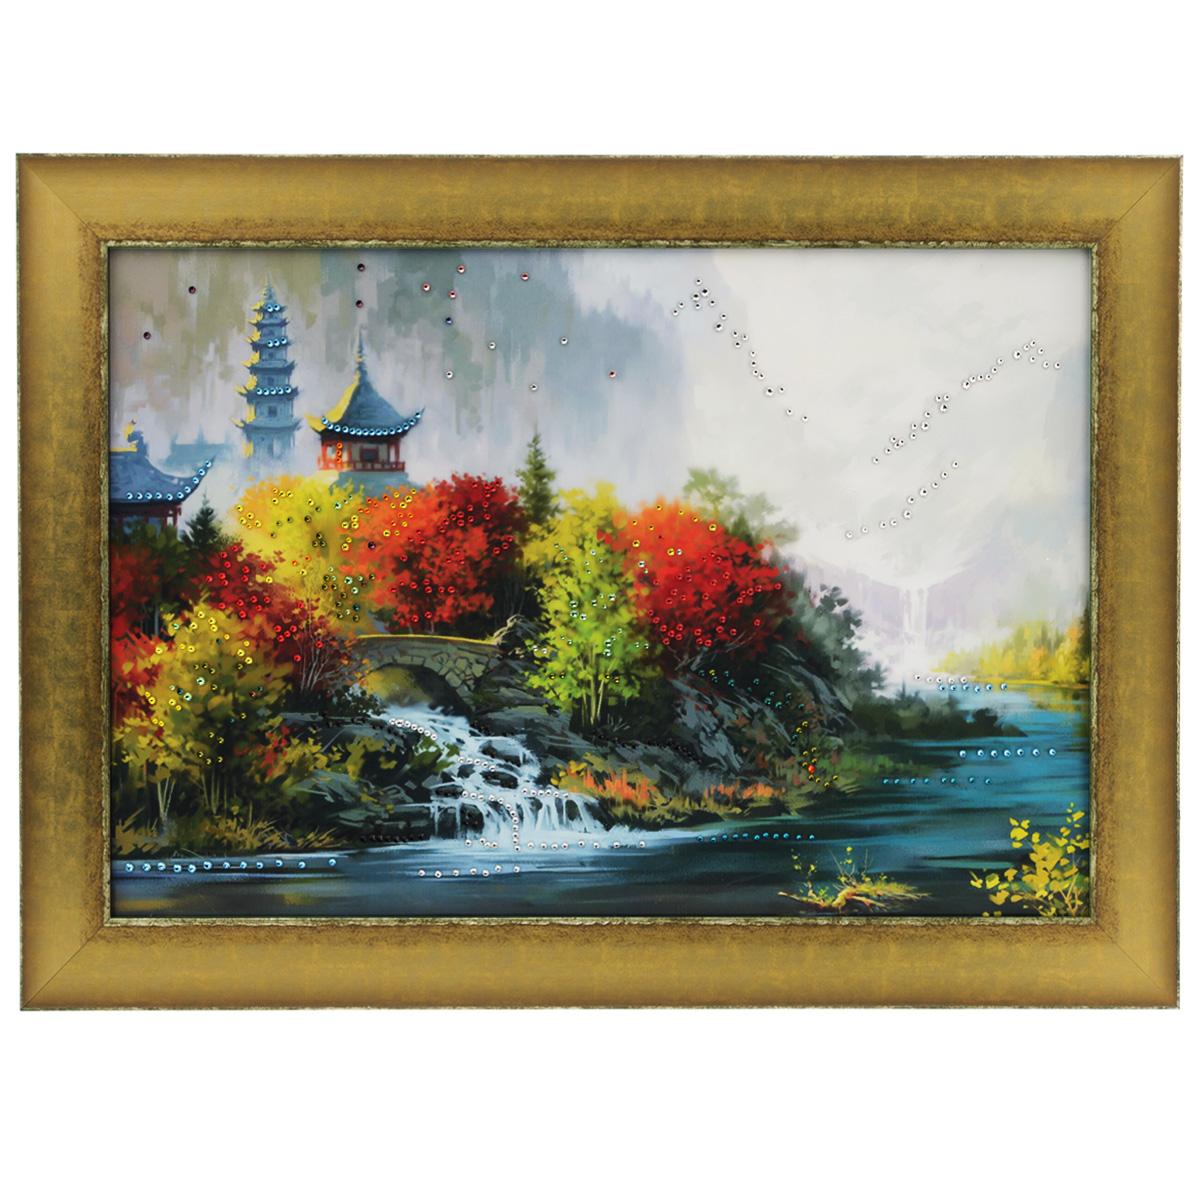 Картина с кристаллами Swarovski Восток, 70 см х 50 см1319Изящная картина в багетной раме, инкрустирована кристаллами Swarovski, которые отличаются четкой и ровной огранкой, ярким блеском и чистотой цвета. Красочное изображение восточного пейзажа, расположенное на внутренней стороне стекла, прекрасно дополняет блеск кристаллов. С обратной стороны имеется металлическая проволока для размещения картины на стене. Картина с кристаллами Swarovski Восток элегантно украсит интерьер дома или офиса, а также станет прекрасным подарком, который обязательно понравится получателю. Блеск кристаллов в интерьере, что может быть сказочнее и удивительнее. Картина упакована в подарочную картонную коробку синего цвета и комплектуется сертификатом соответствия Swarovski.